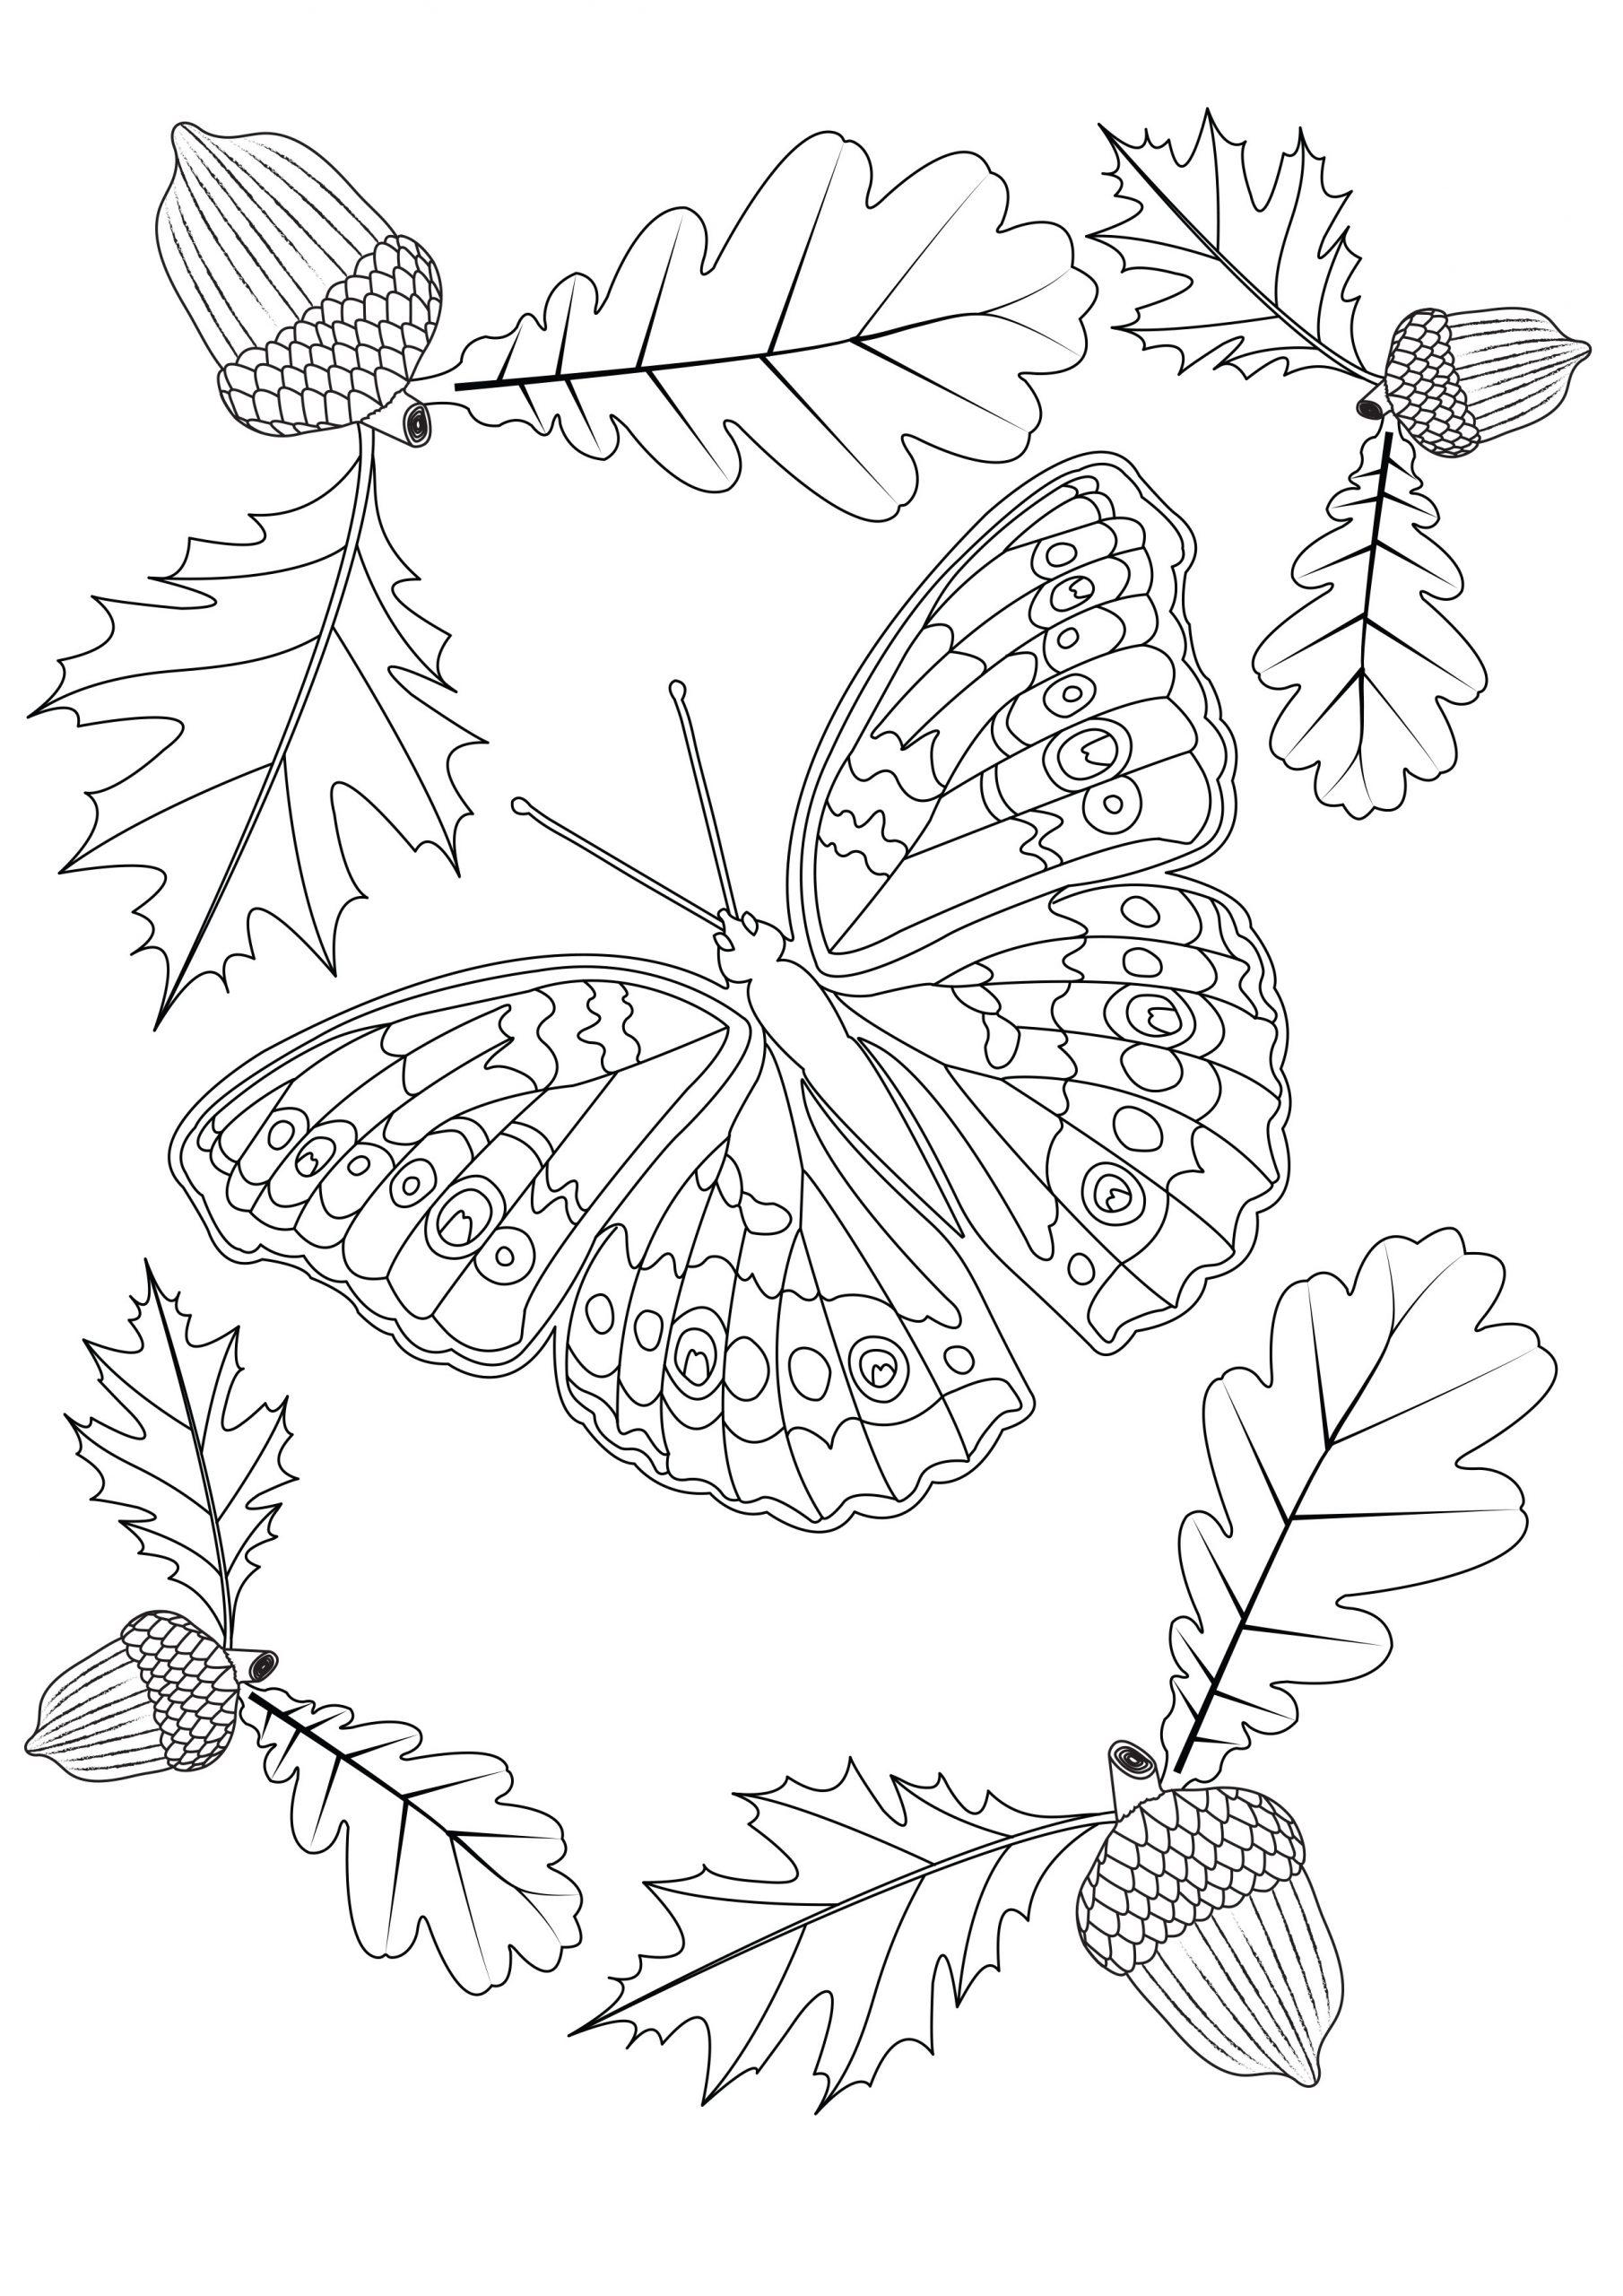 Dessin De Papillons Gratuit À Télécharger Et Colorier concernant Dessin A Imprimer Papillon Gratuit